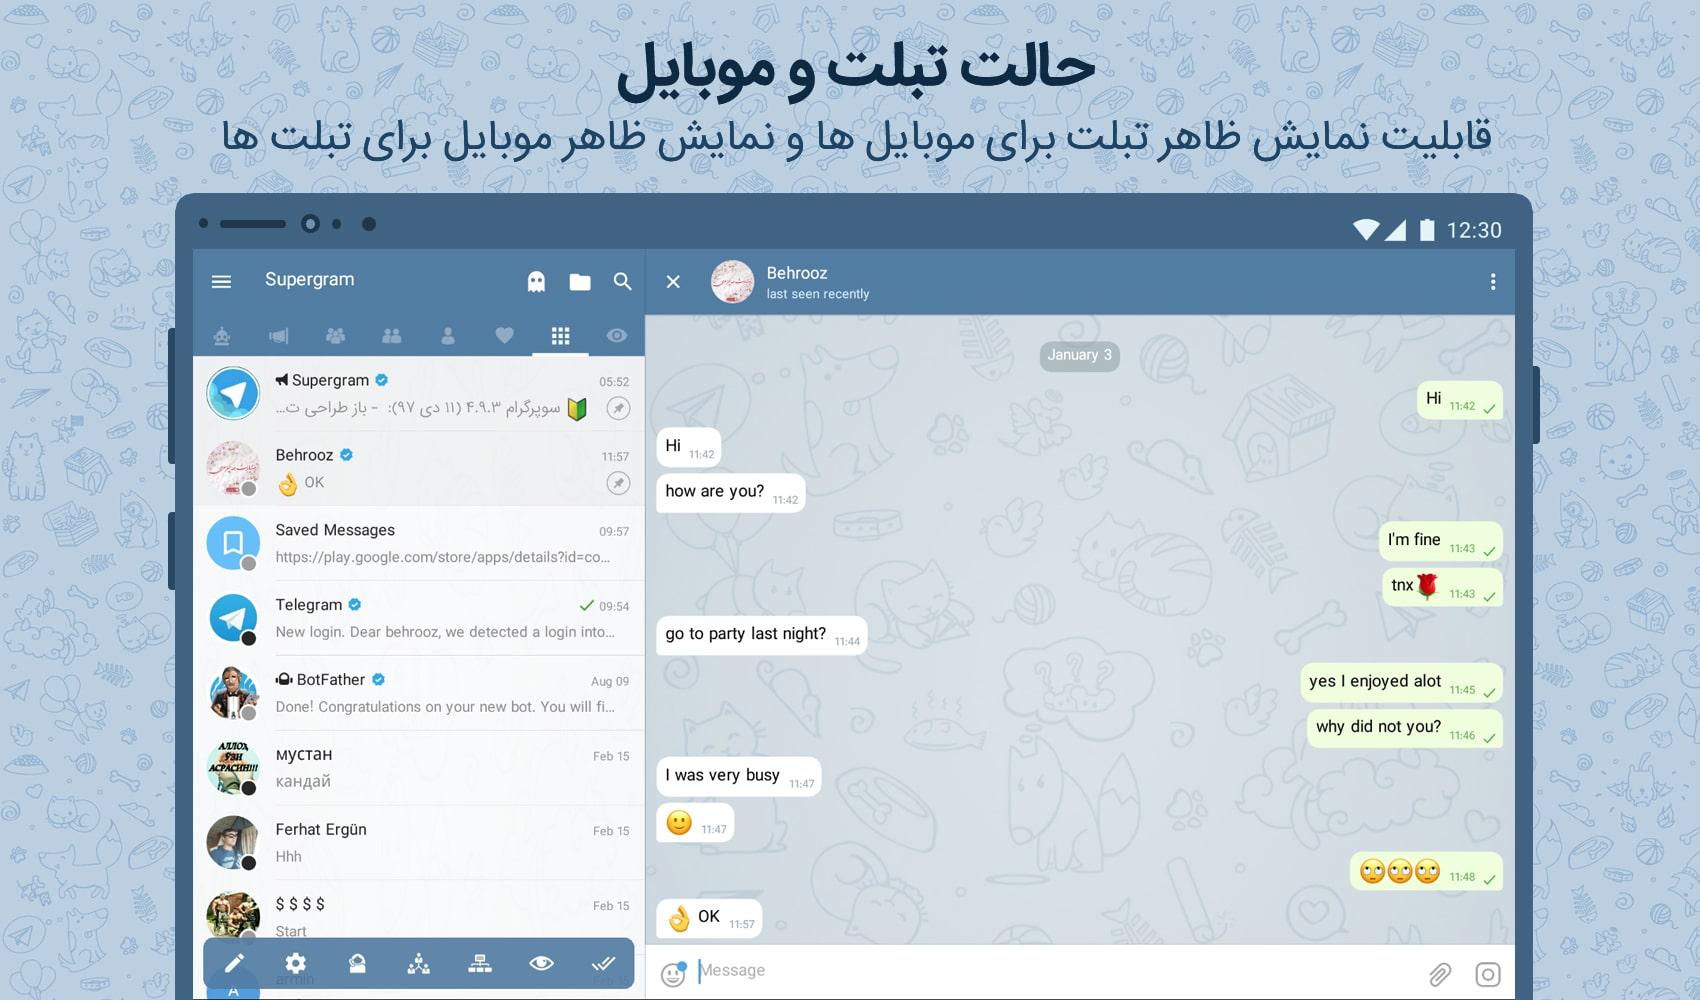 سورس تلگرام غیر رسمی